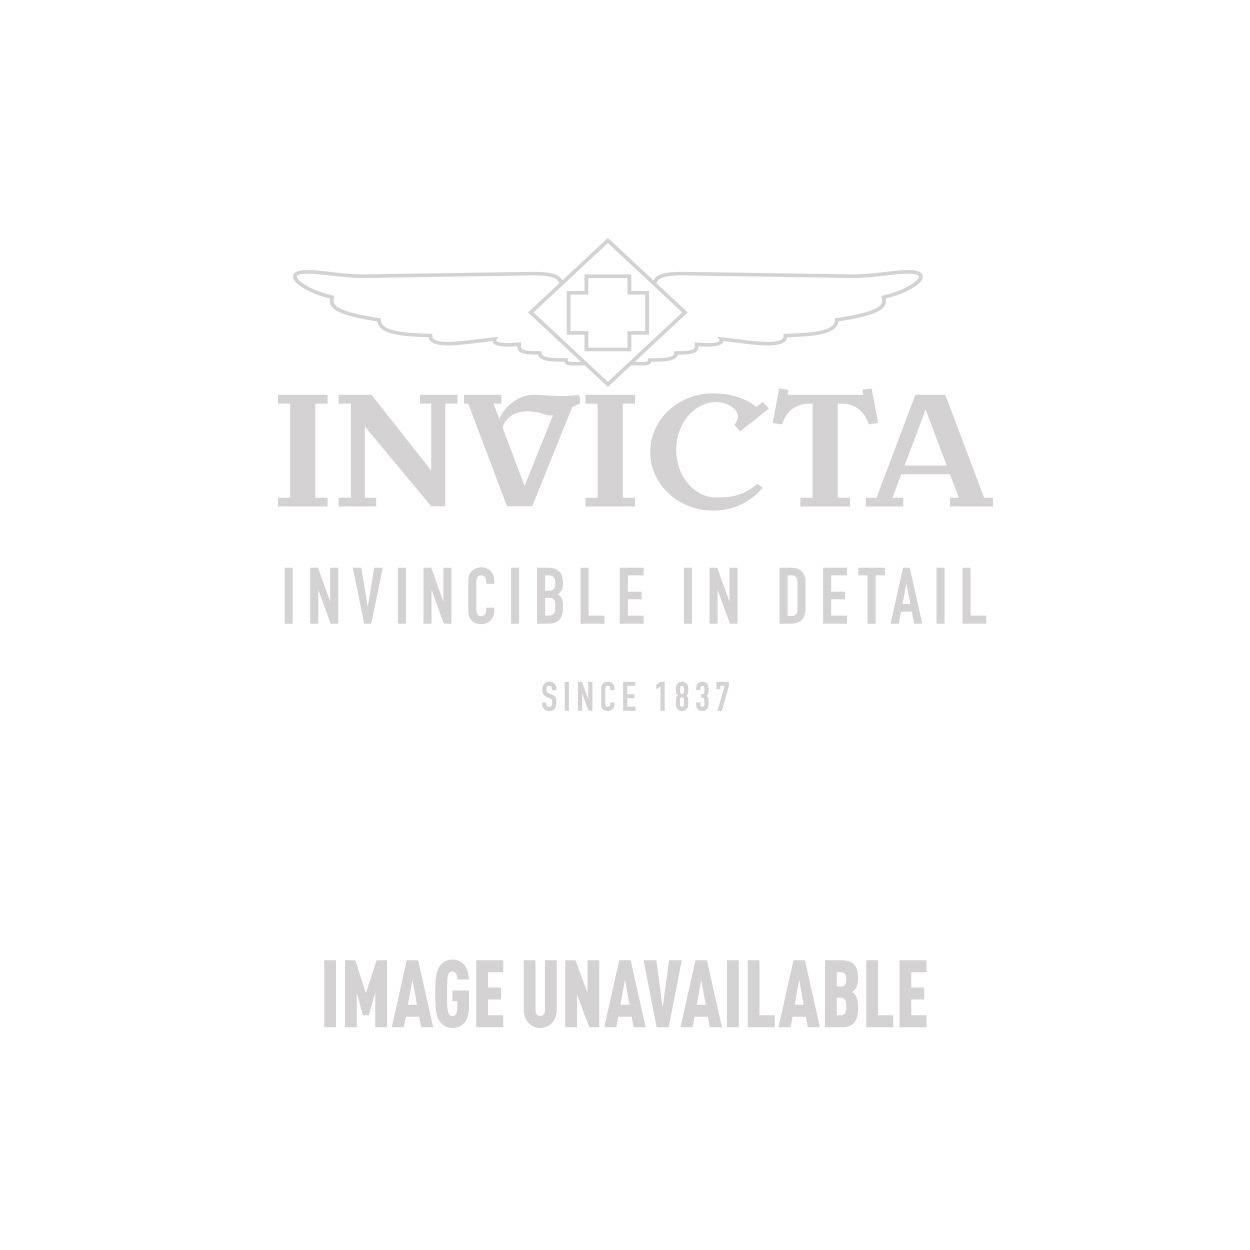 Invicta Model 24805